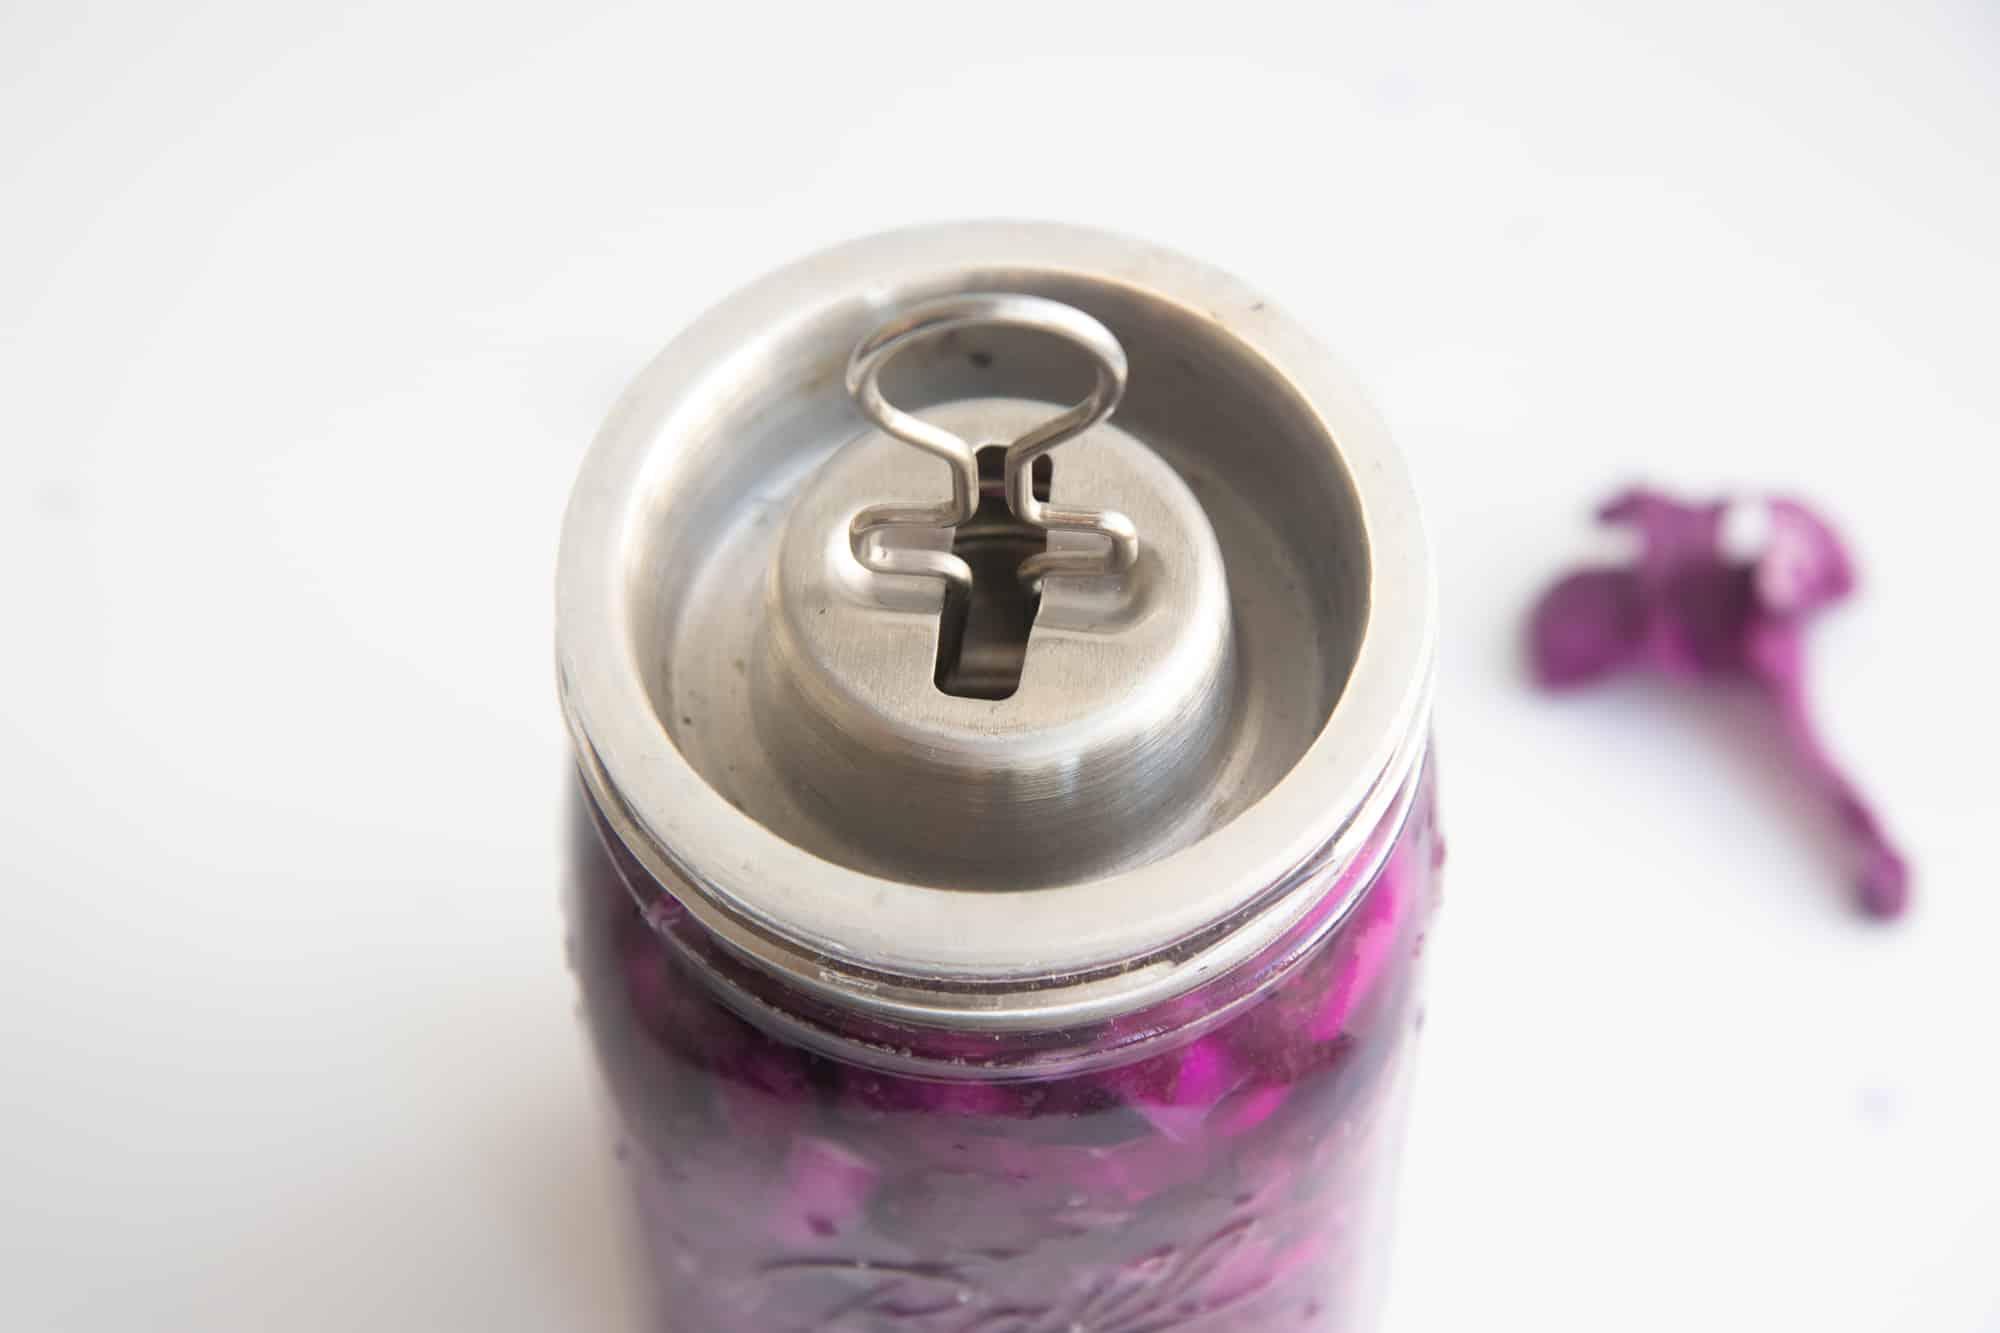 A fermentation lid sits on top of a glass jar of homemade sauerkraut.